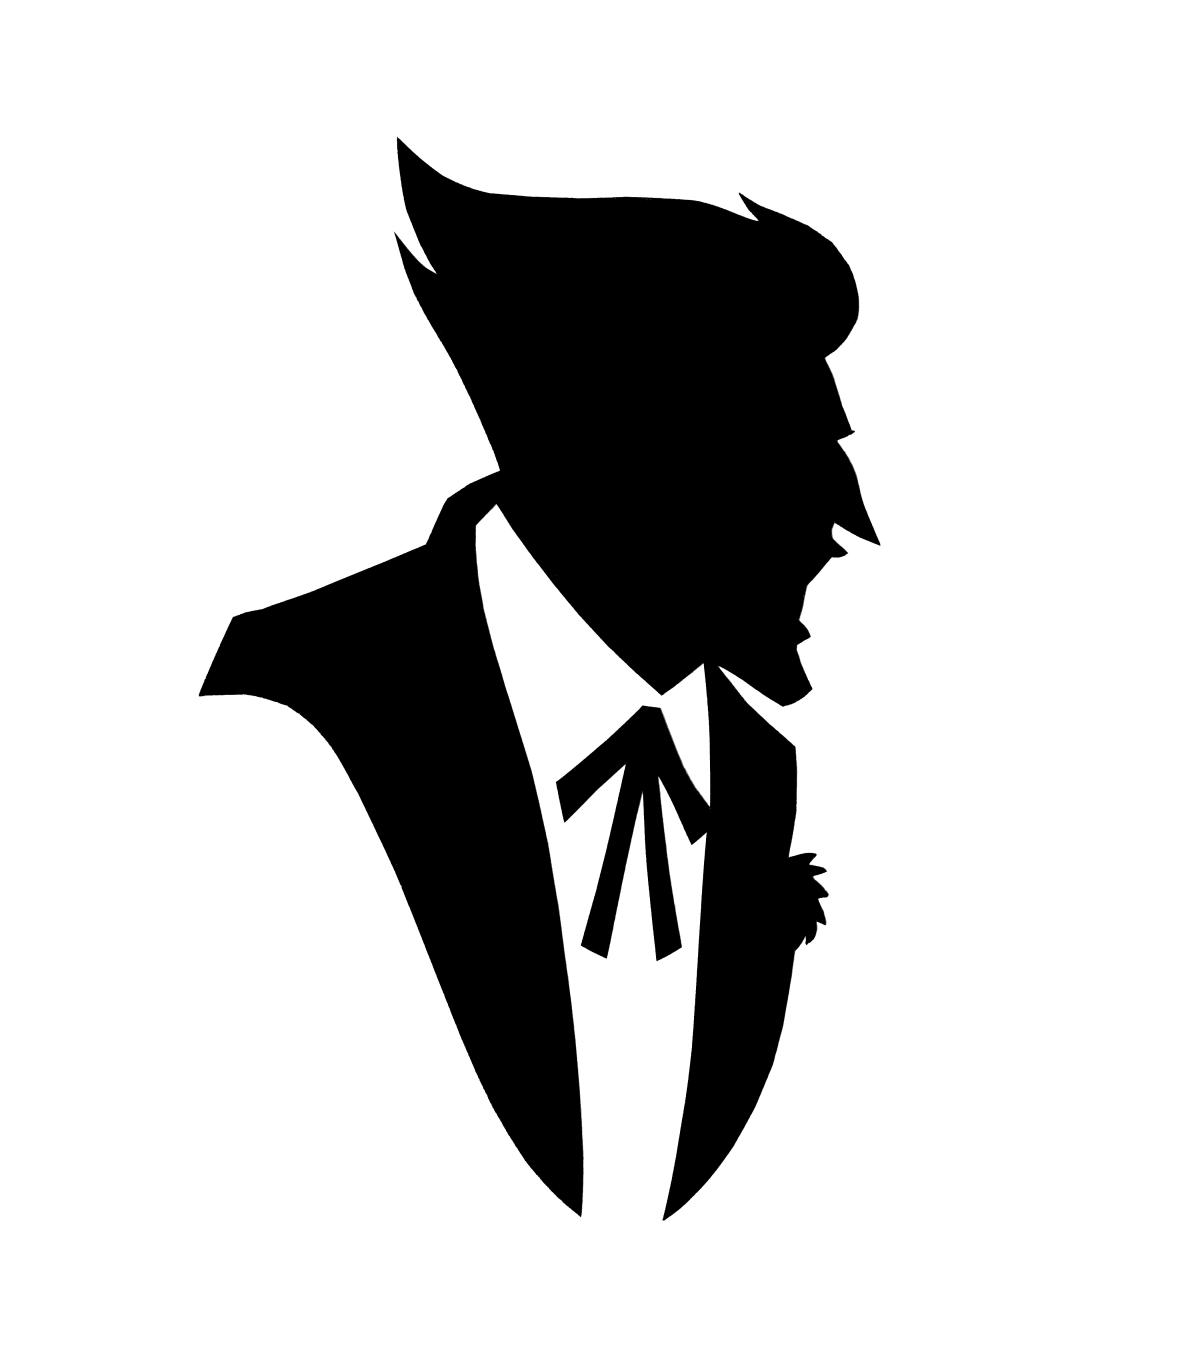 Computer Black And White Joker Wallpaper